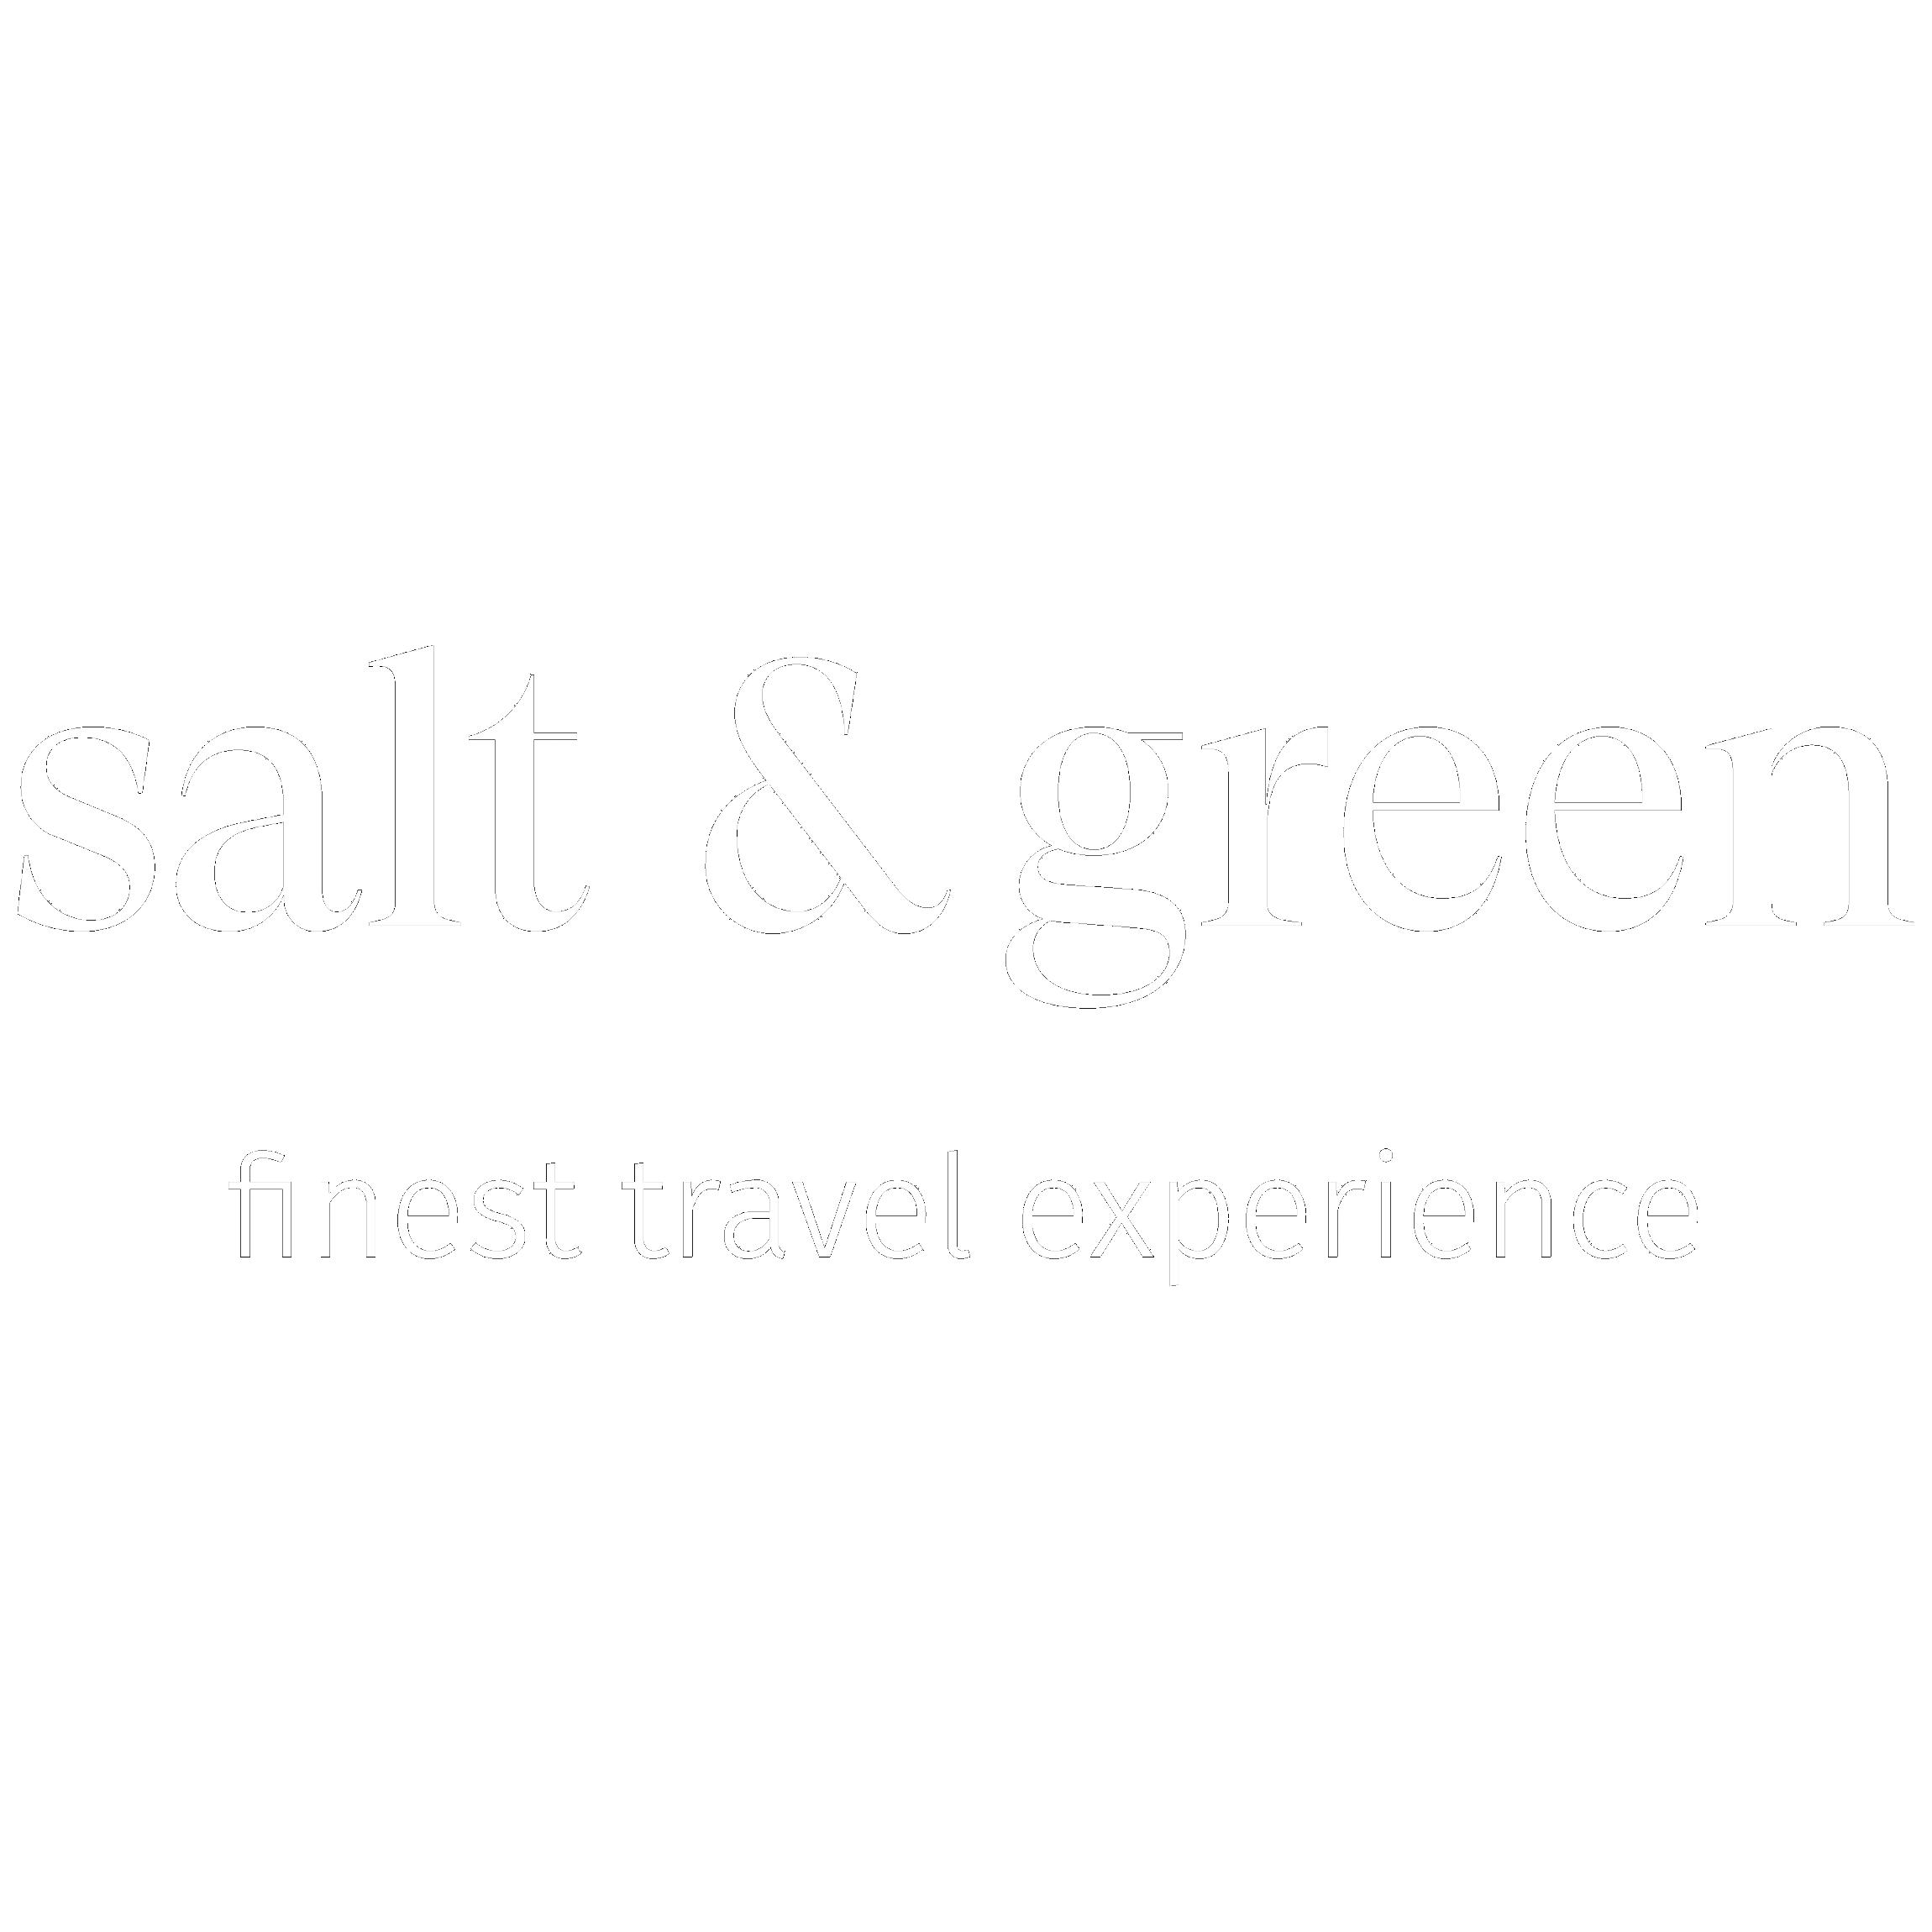 salt & green